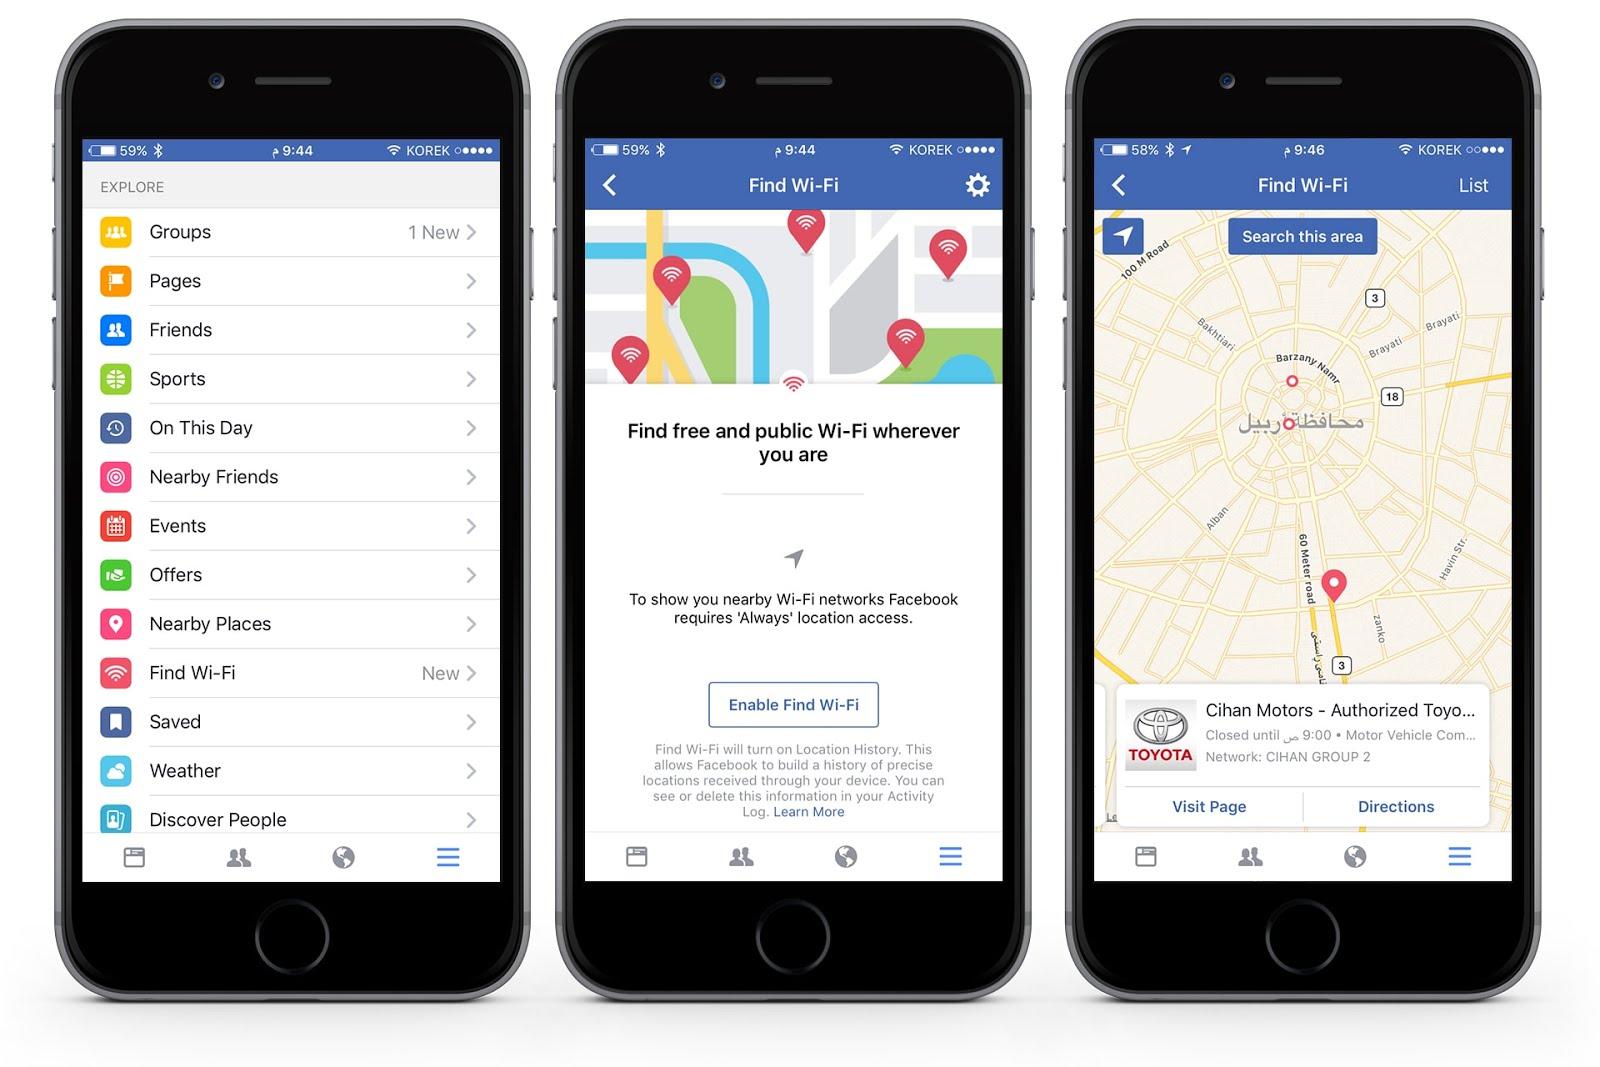 ميزة ايجاد شبكات الواي فاي المفتوحة والمجانية القريبة منك في تطبيق الفيسبوك